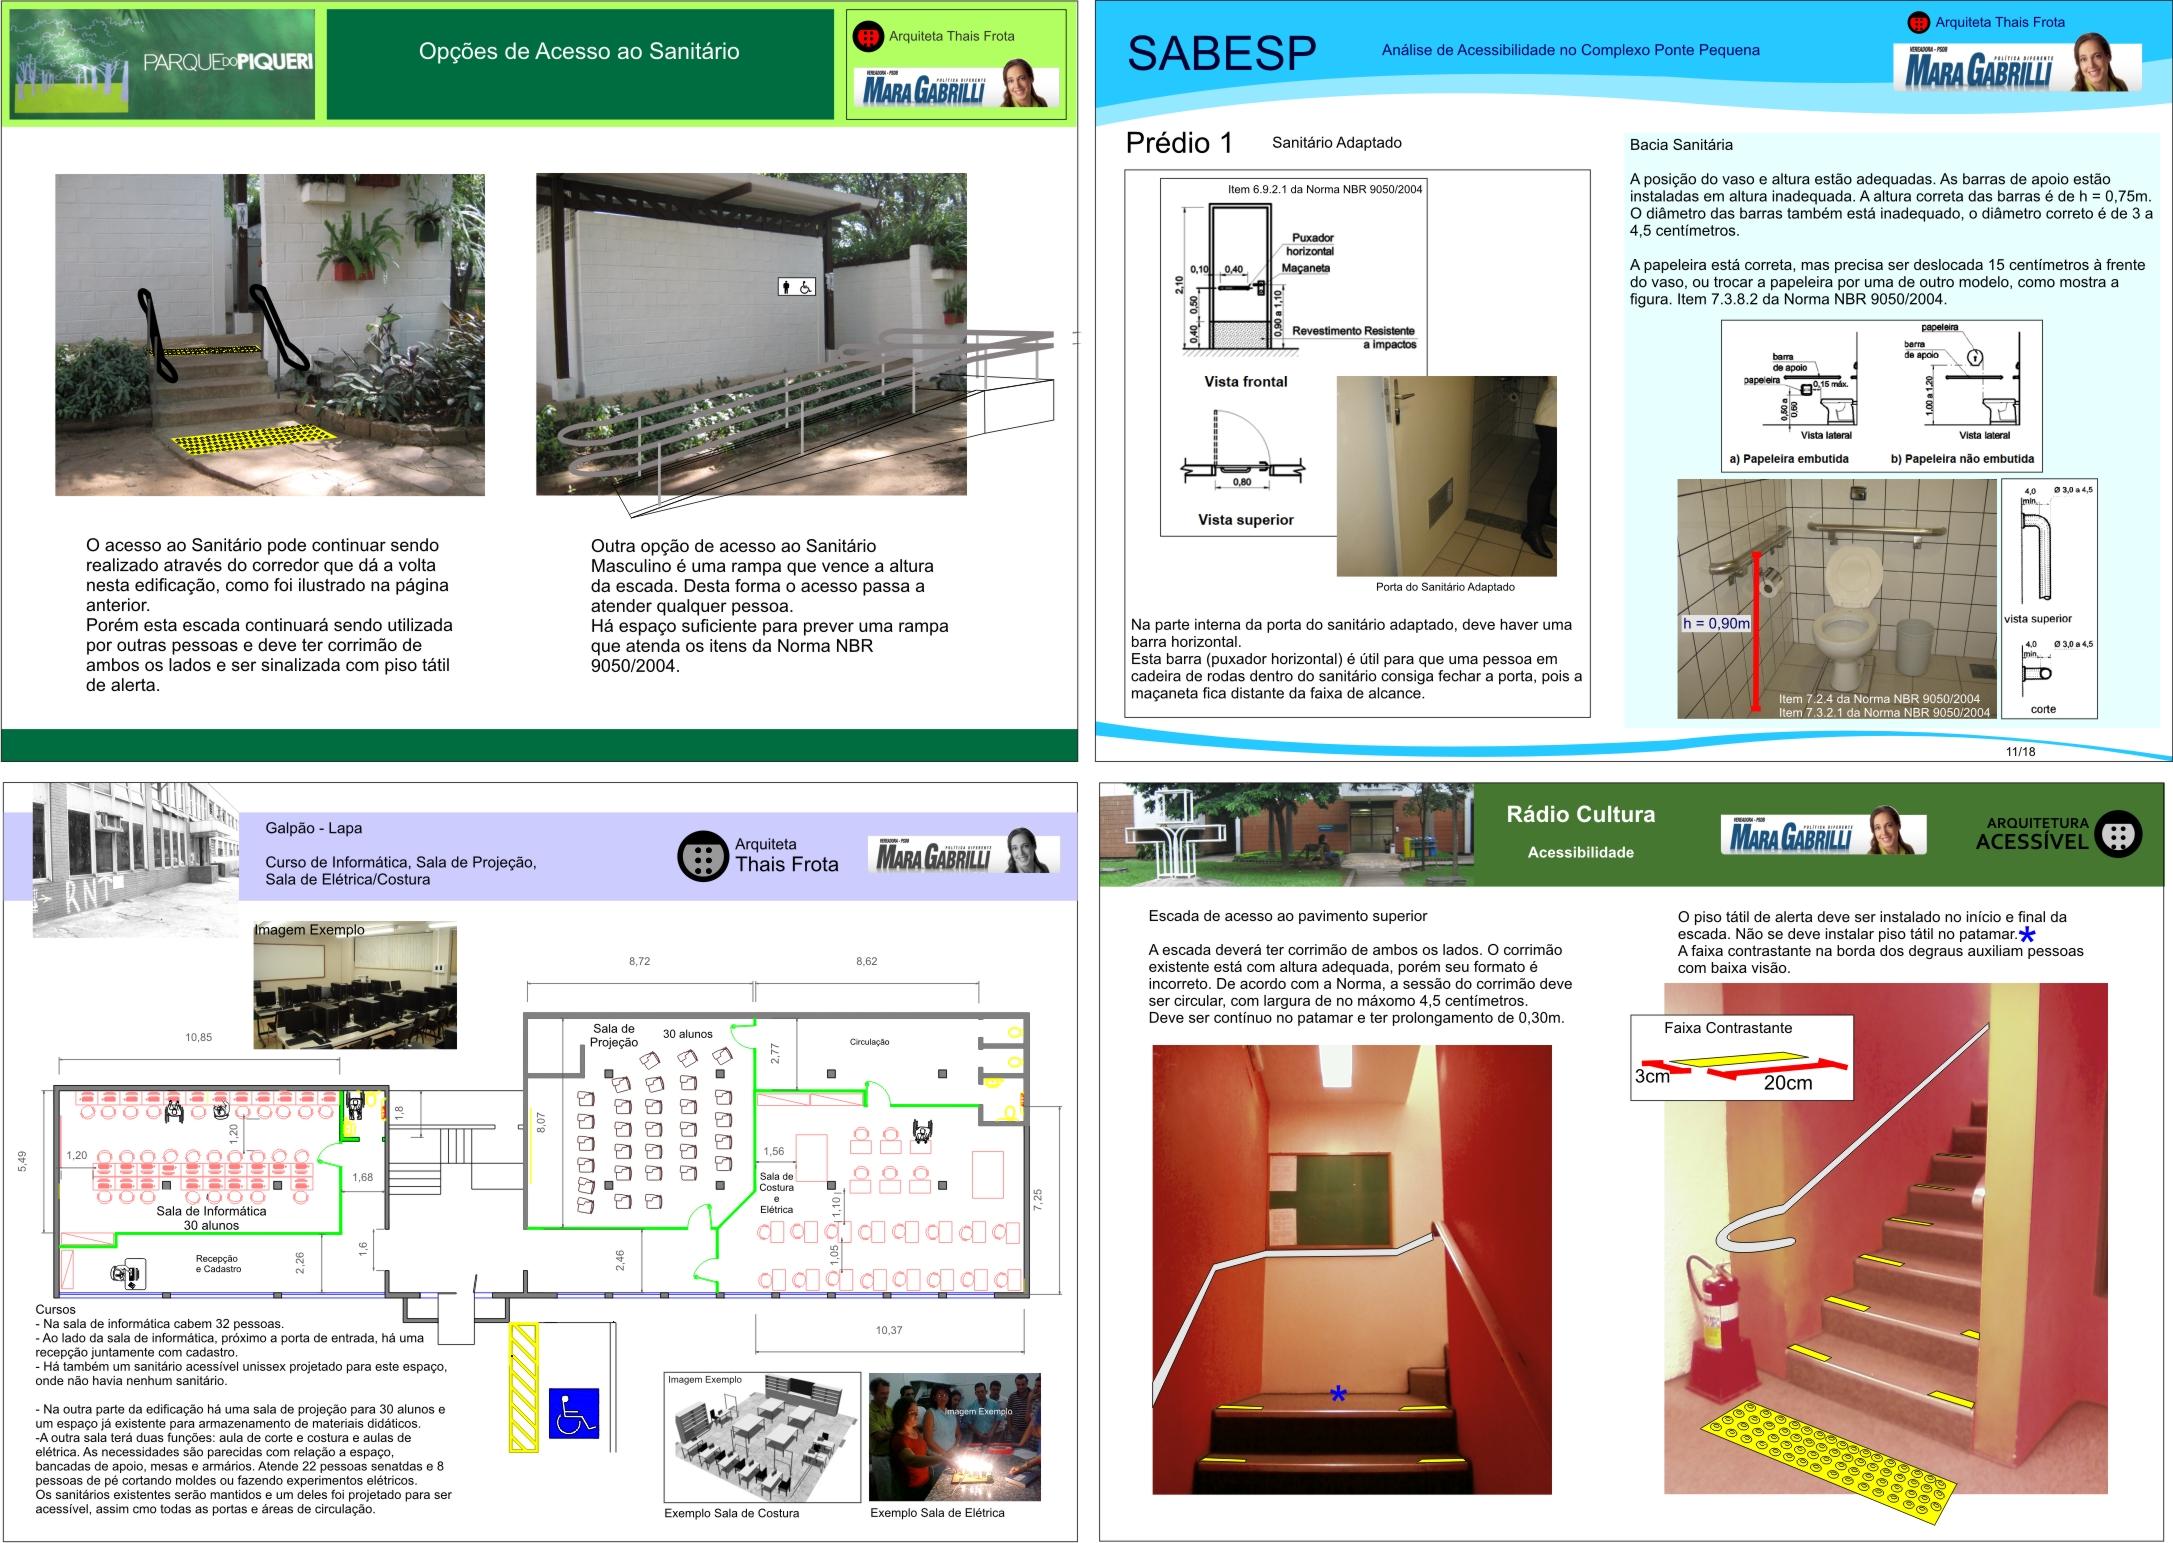 Vistoria e projeto de acessibilidade Arquitetura Acessível #019ACA 2173 1543